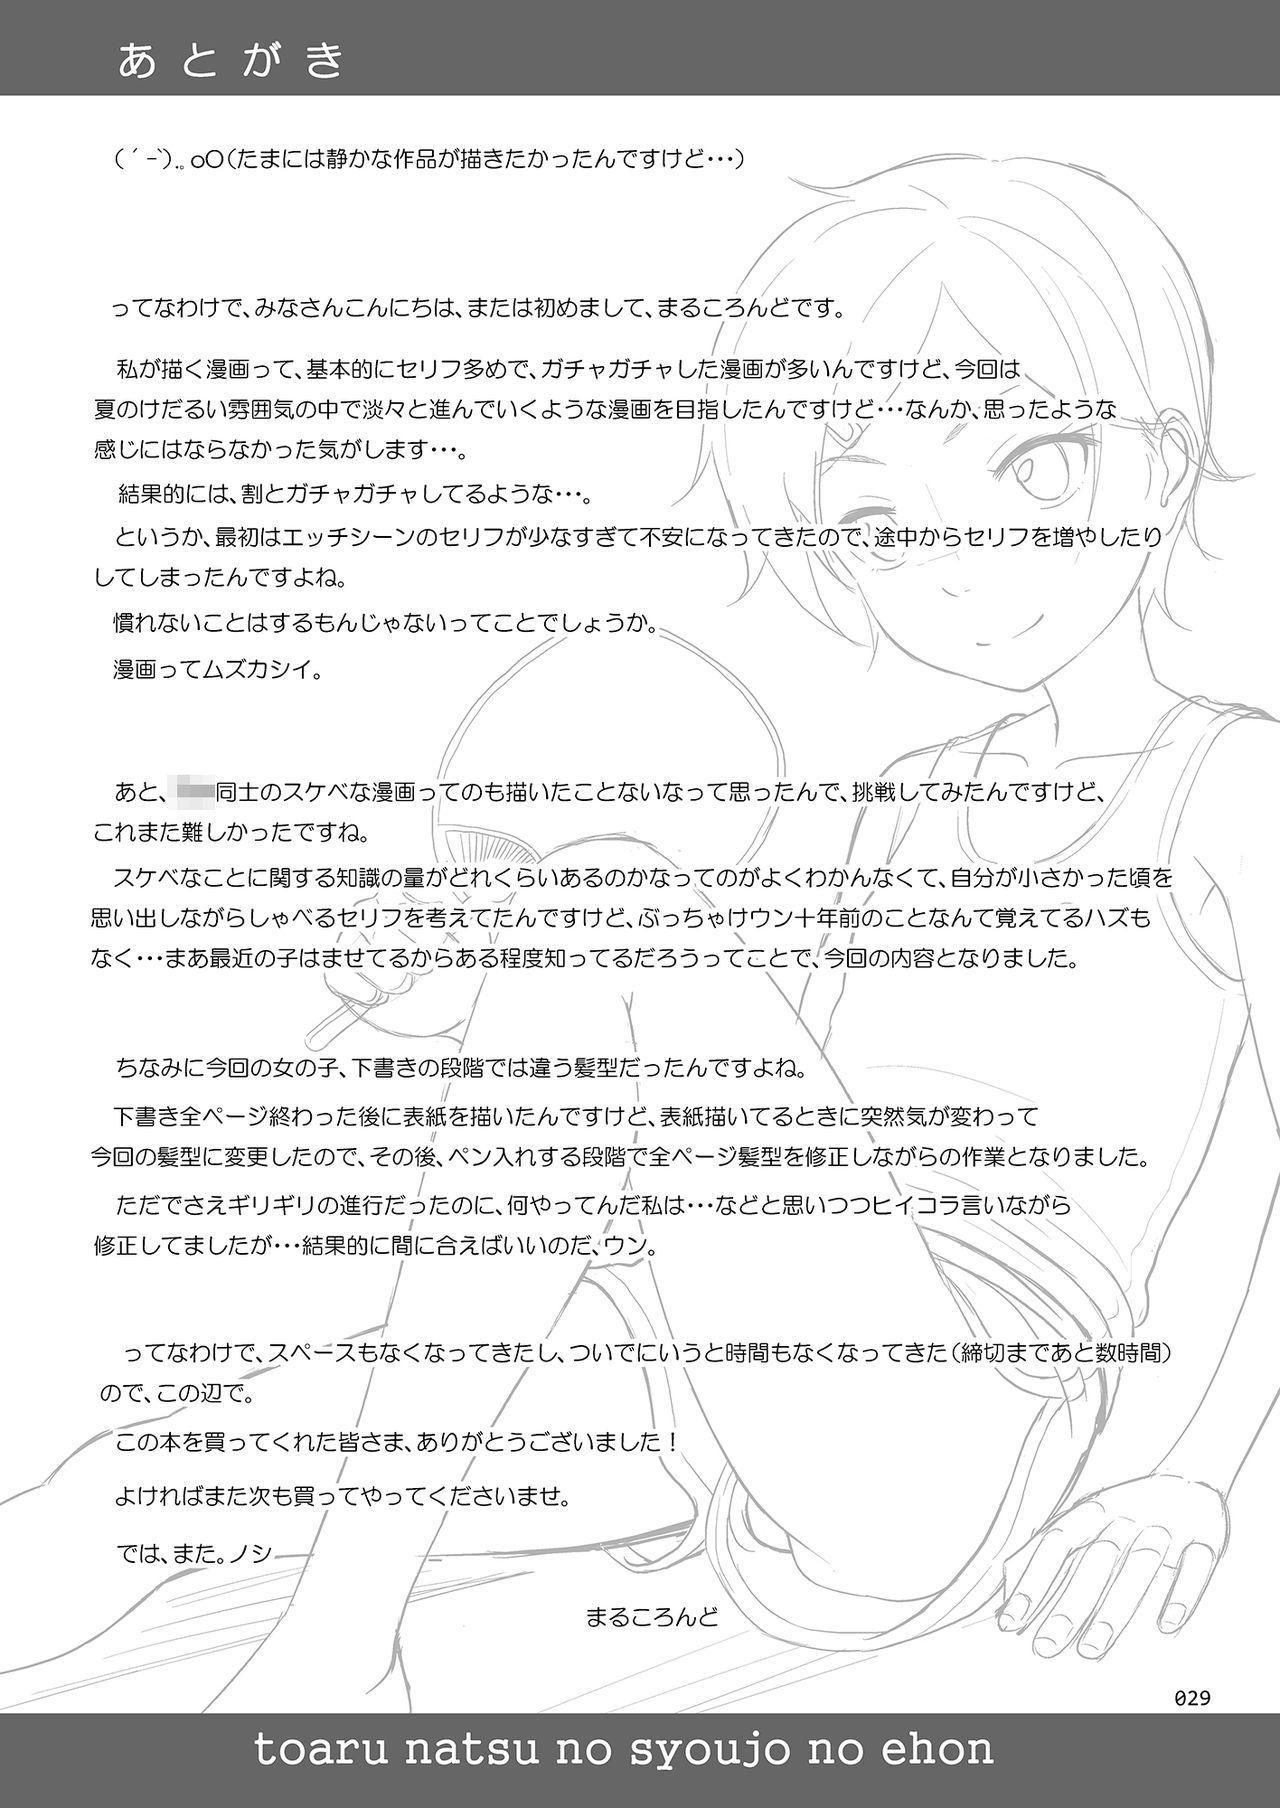 Toaru Natsu no Shoujo no Ehon 27